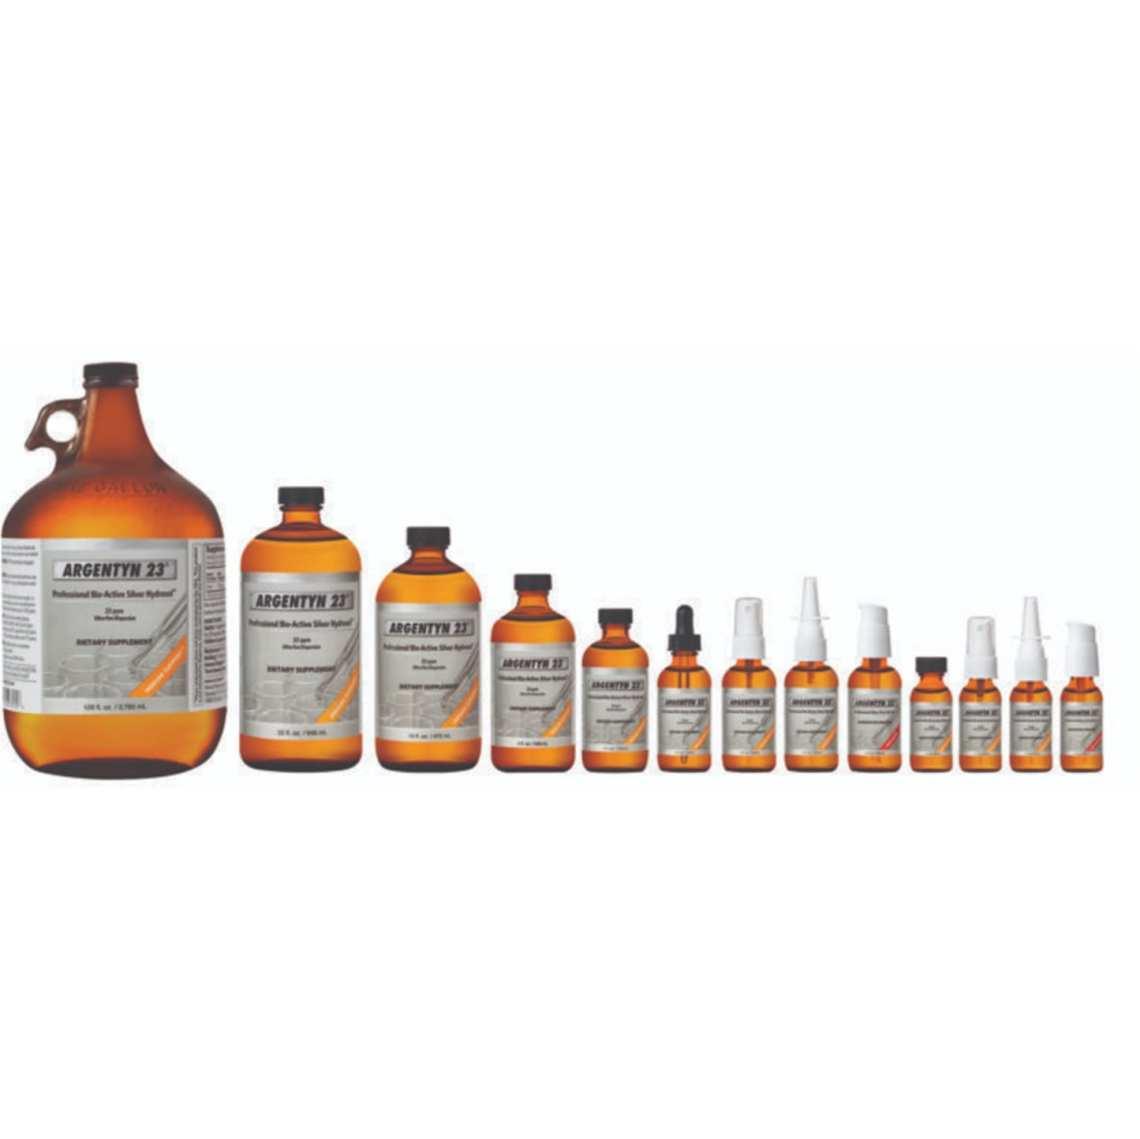 Colloidal Silver - High Dose Vitamin C in Springfield Missouri